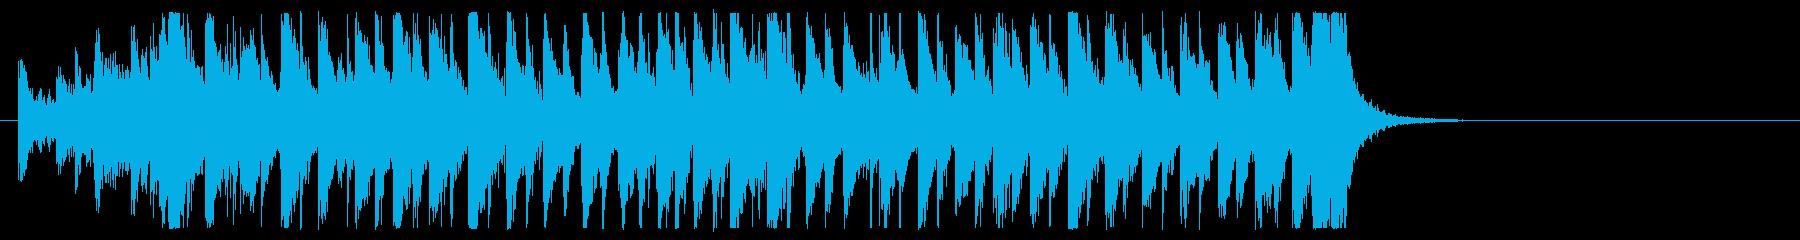 三味線と太鼓のアンサンブルの再生済みの波形